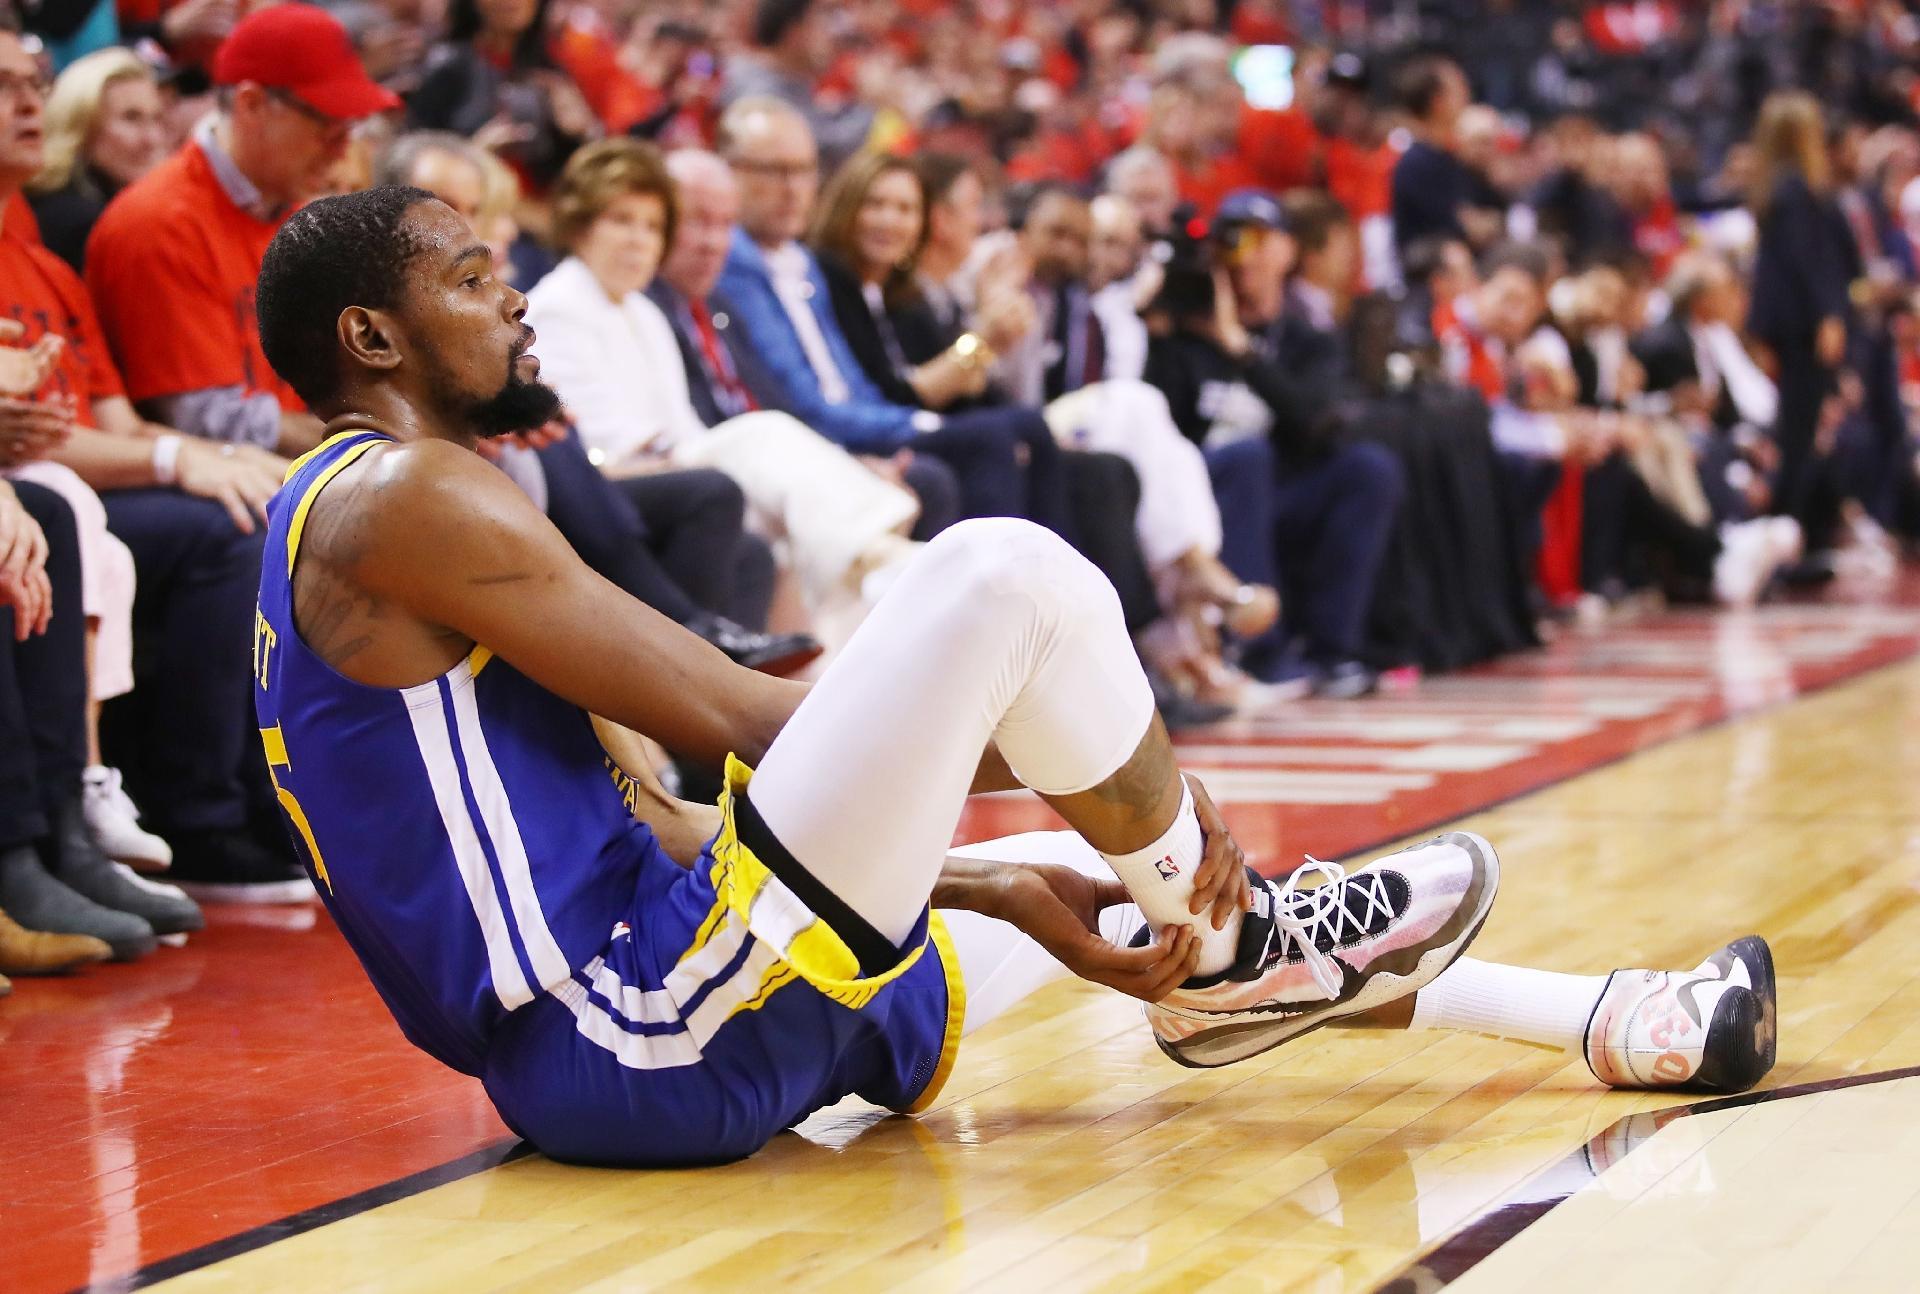 Ruptura de Tendão Calcâneo, a lesão que tirou Kevin Durant da Final da NBA 2019